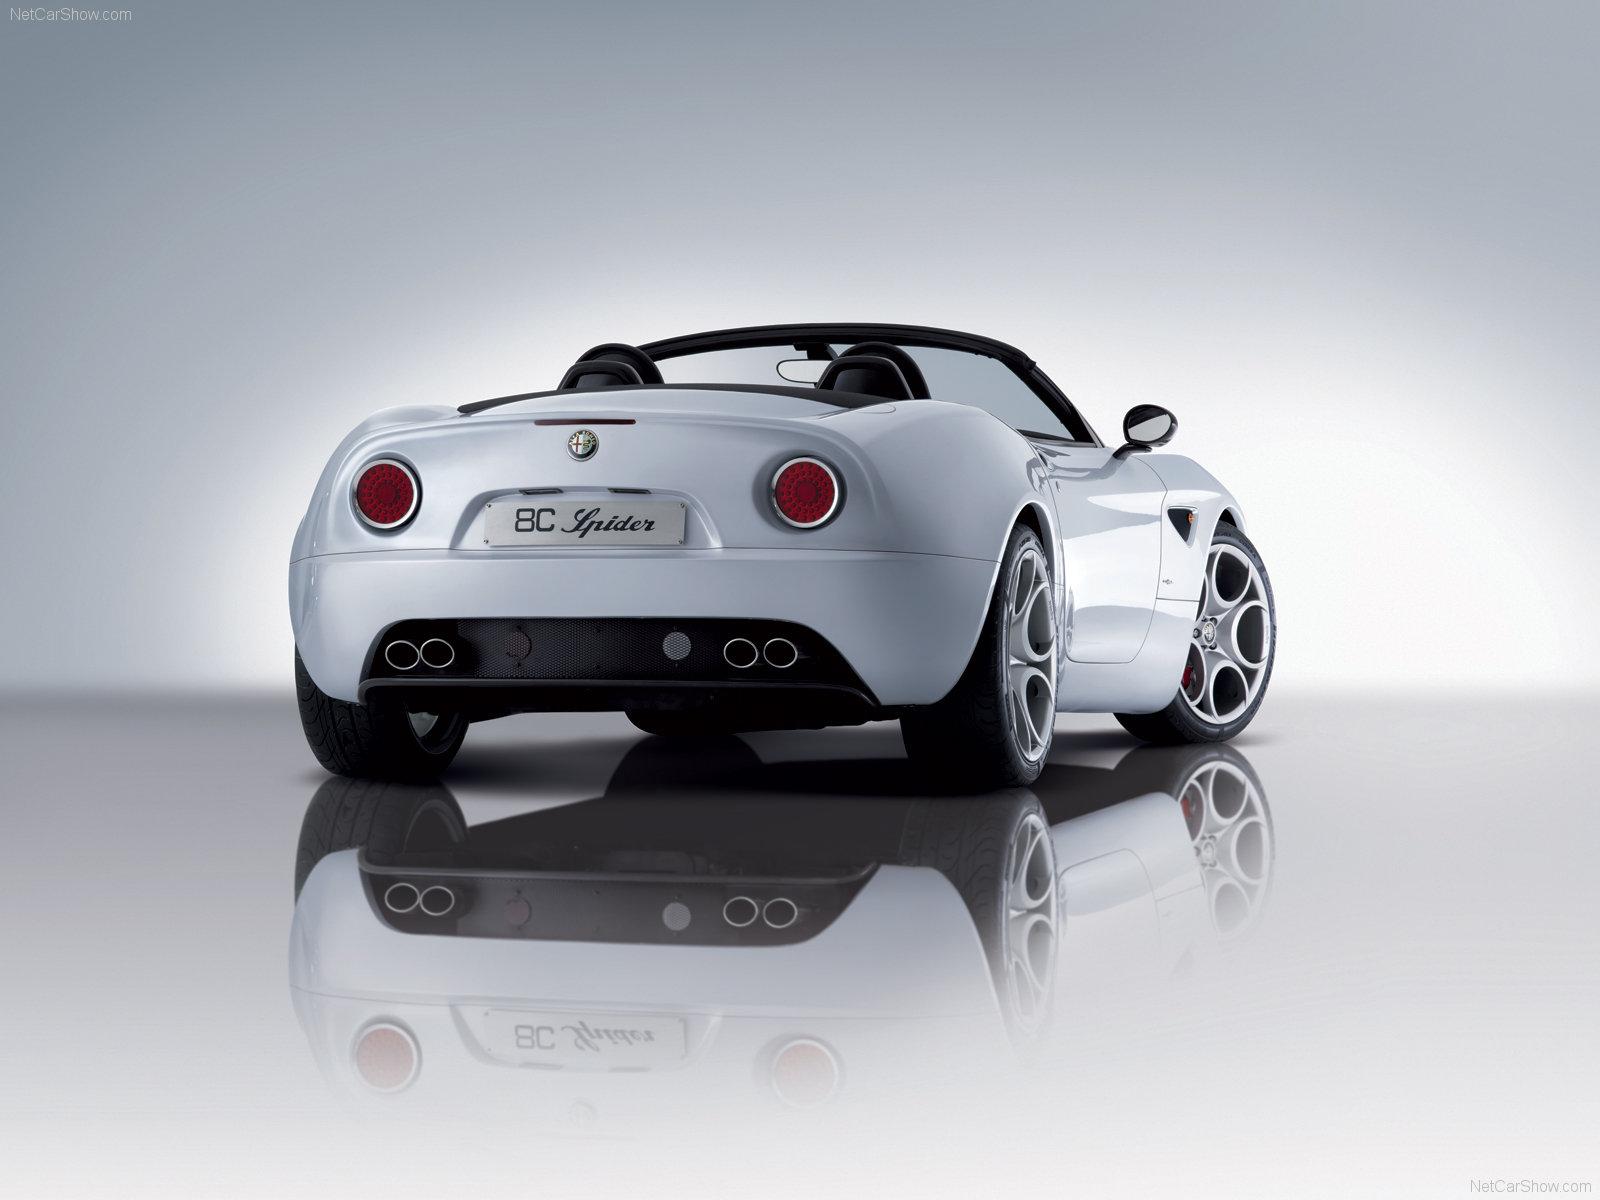 Alfa Romeo 8C Spider mp54 pic 52479